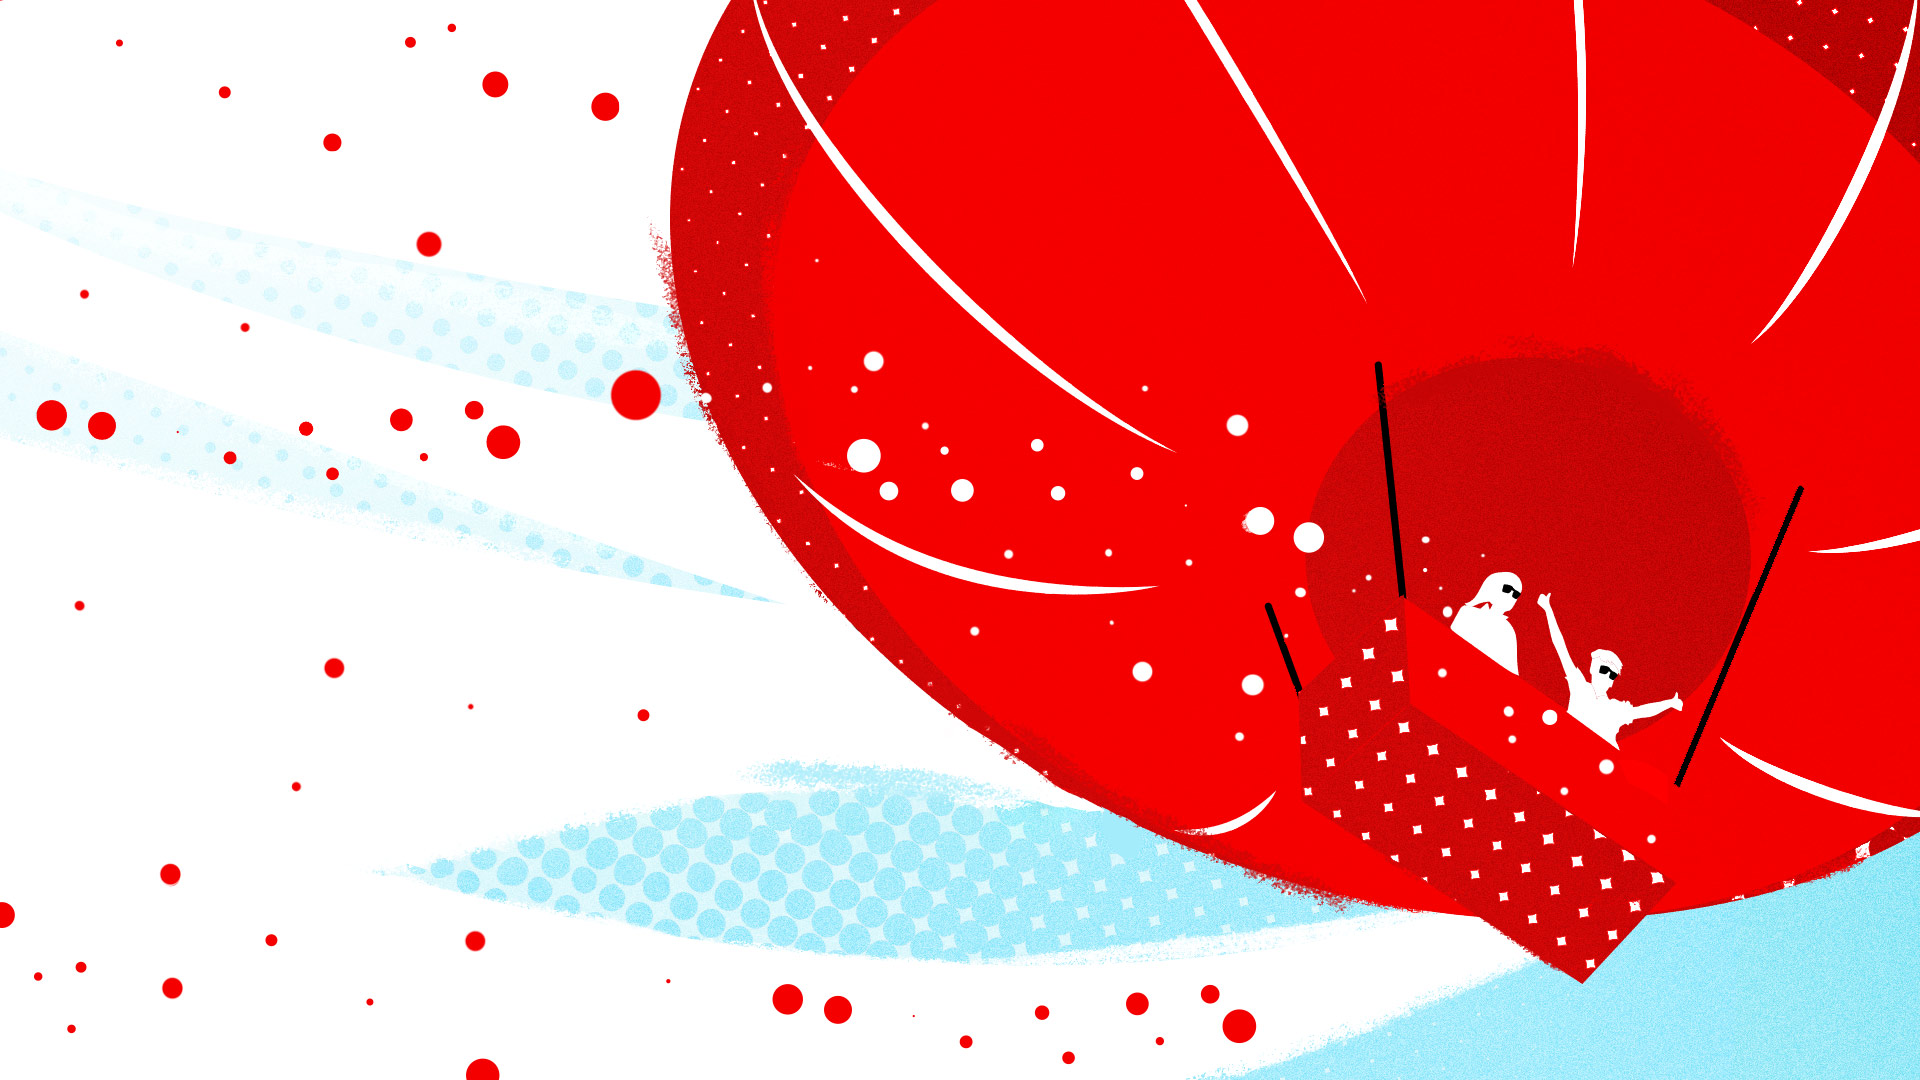 Balloon_STYLE